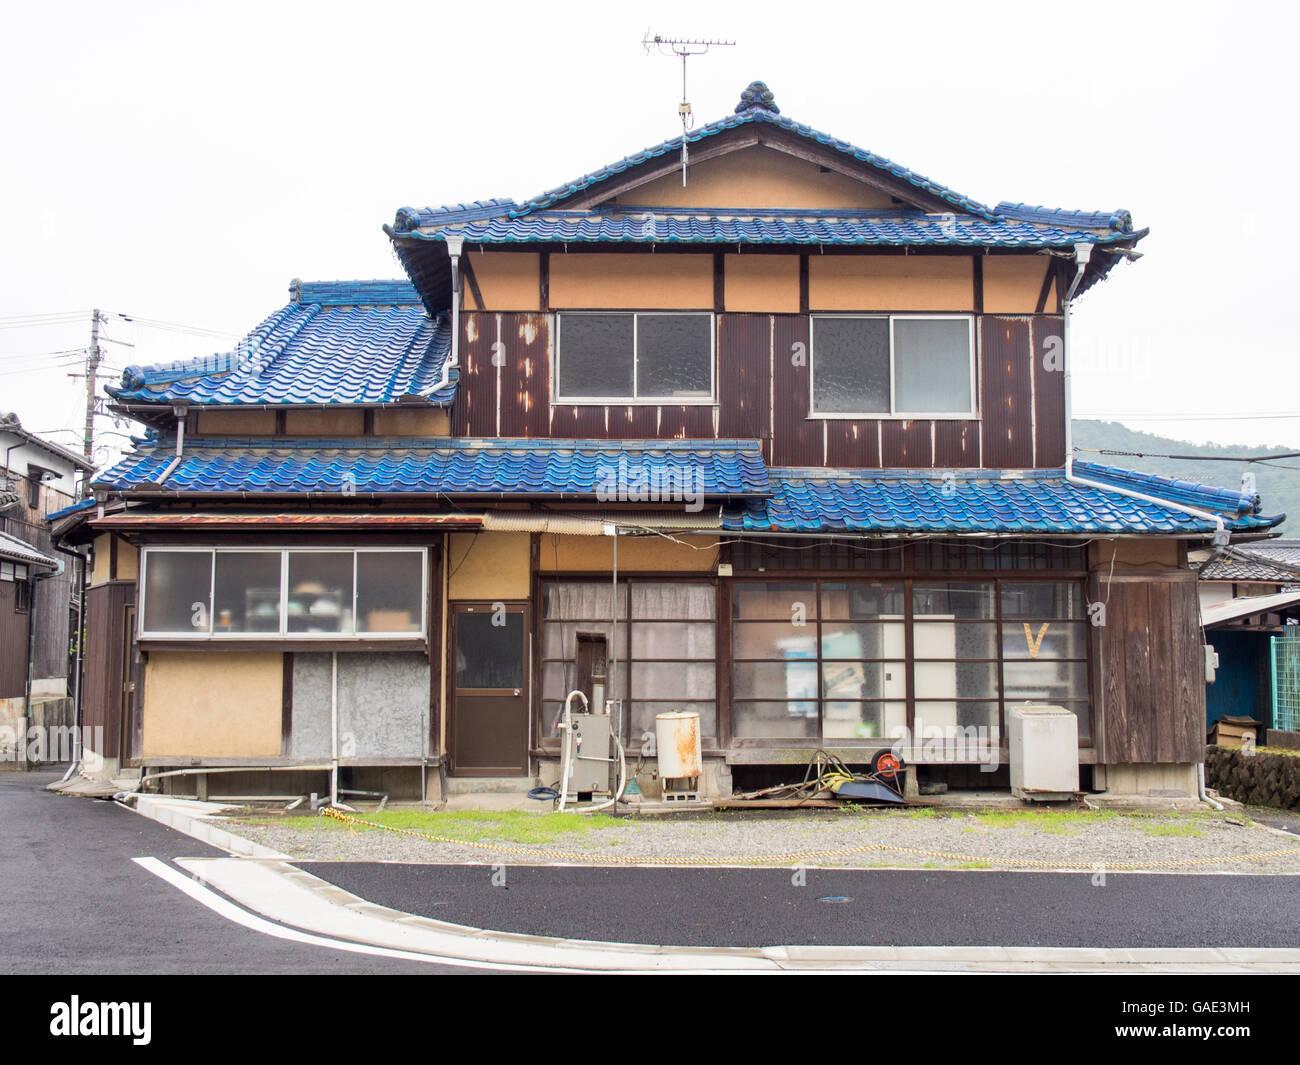 Traditionelle japanische holzhaus mit blauen dachziegeln for Traditionelle japanische architektur